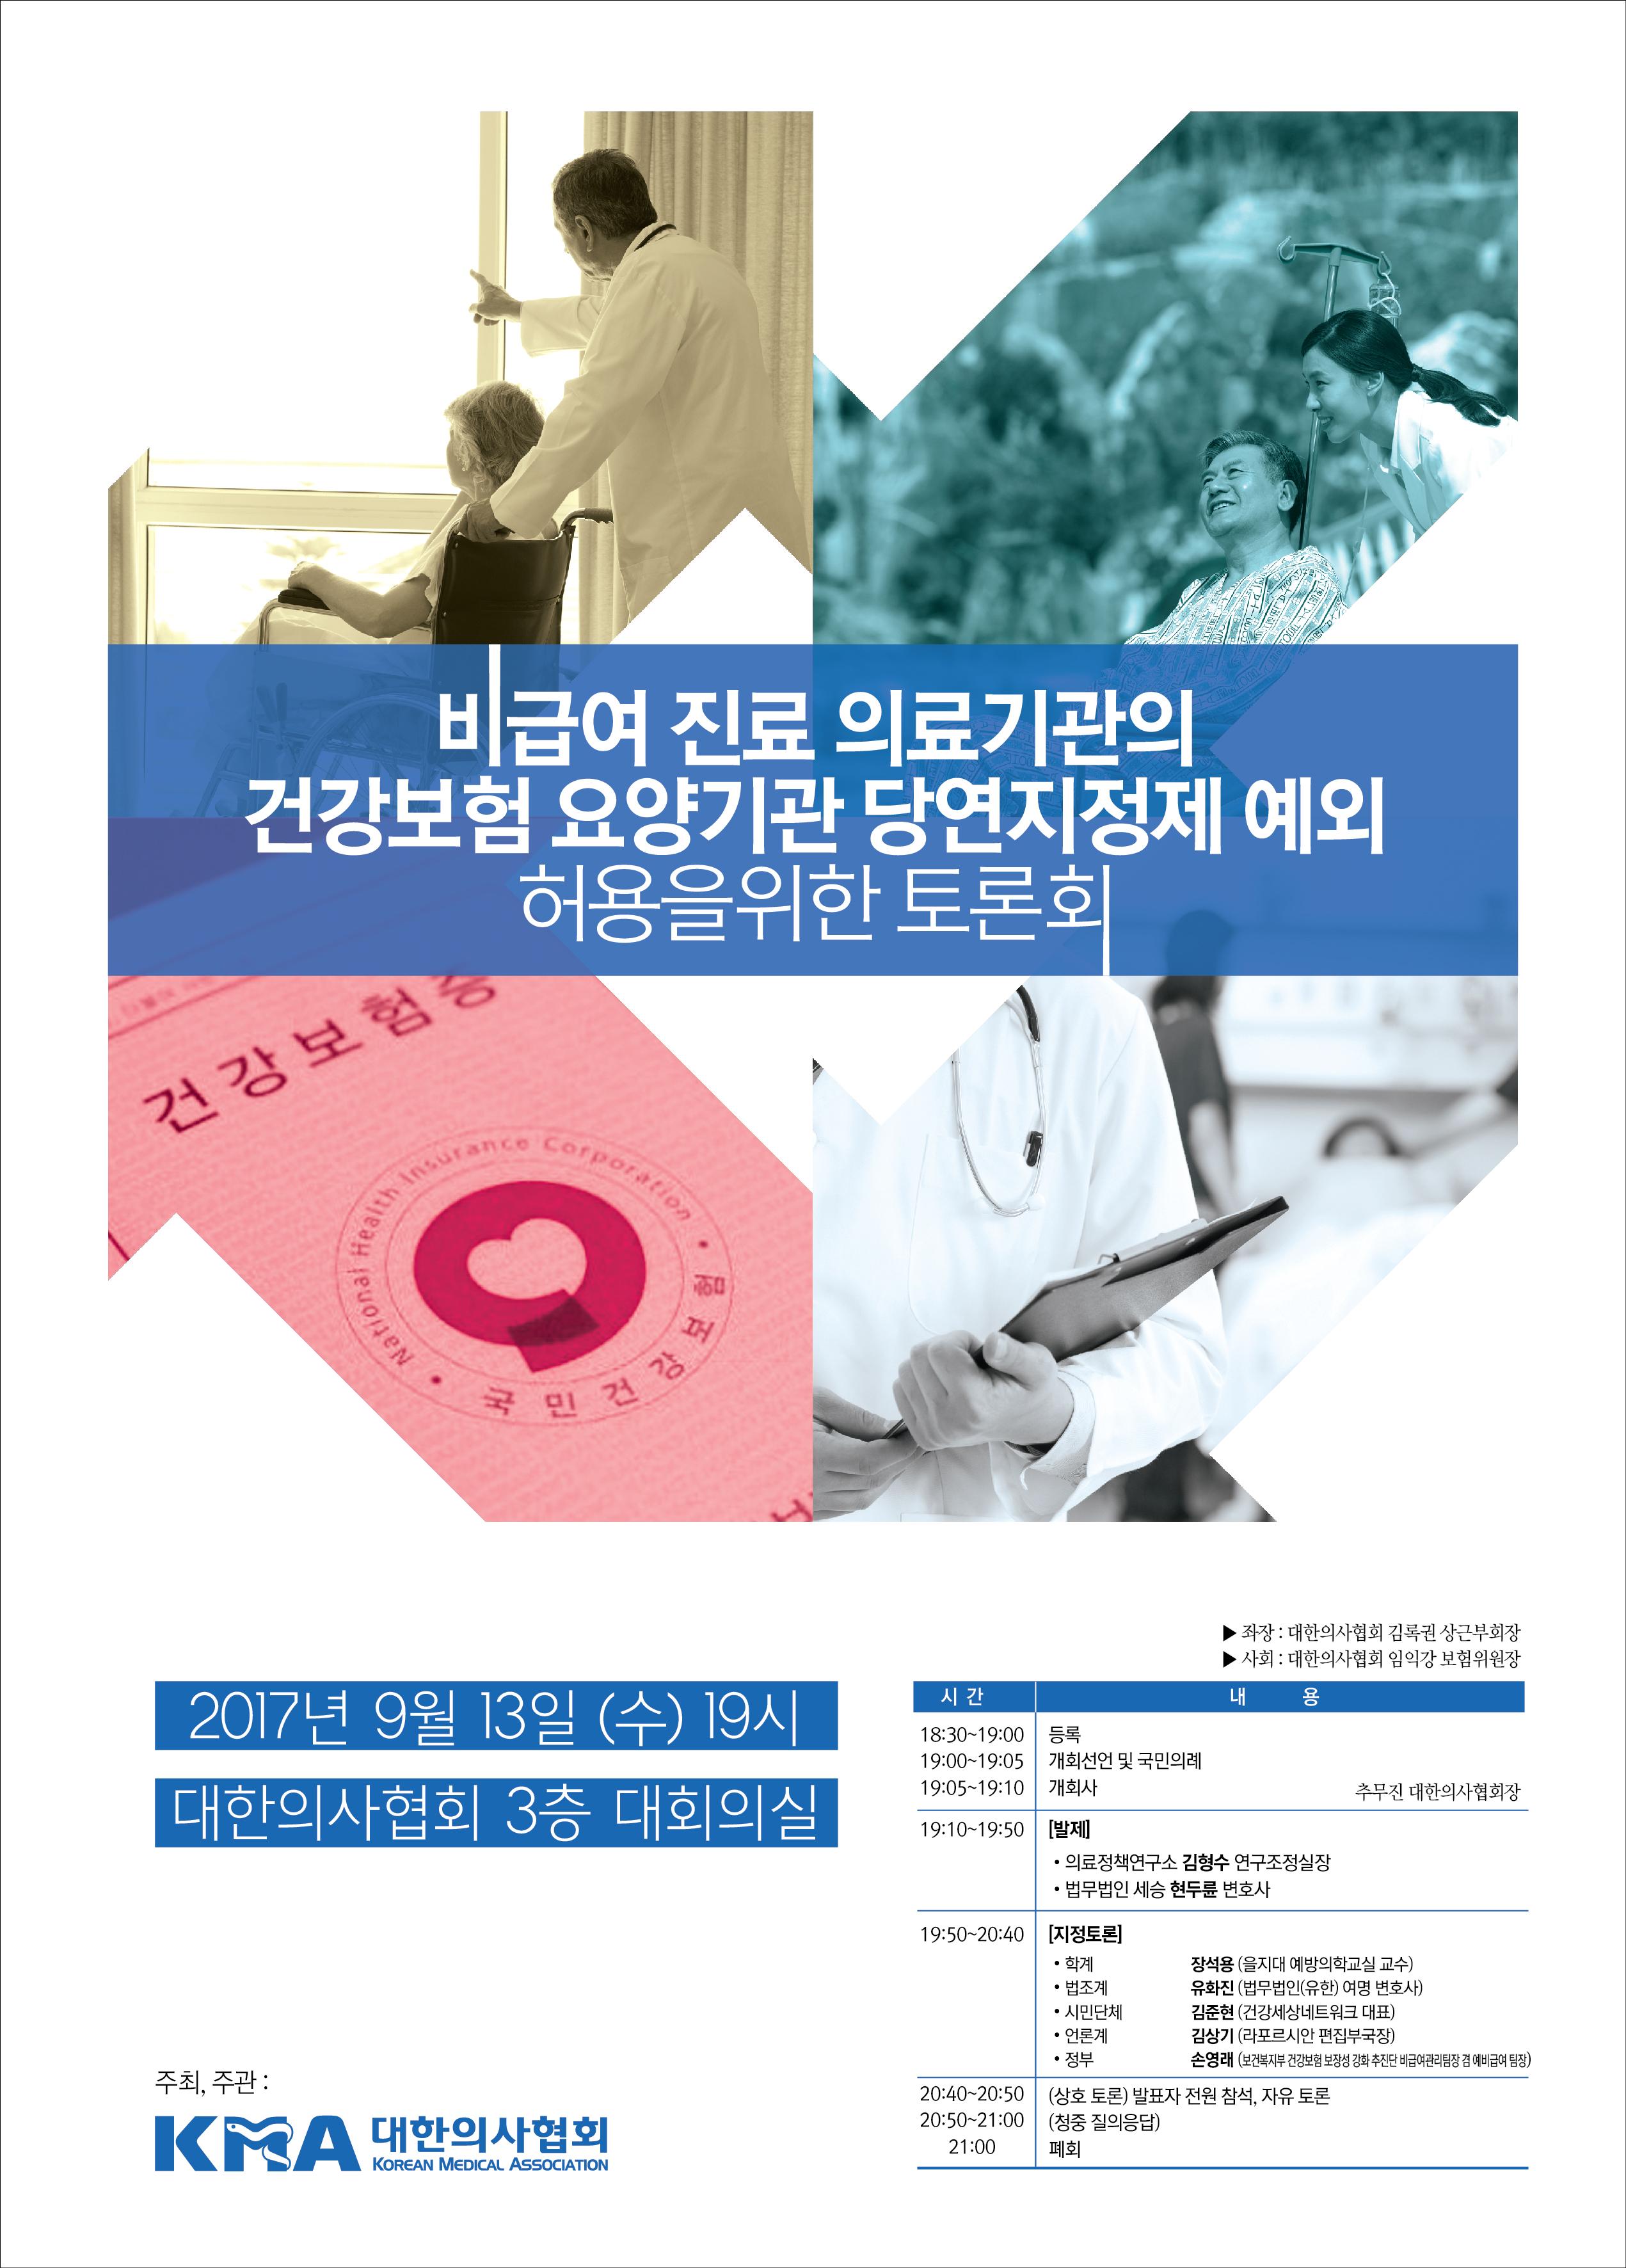 첨부2_당연지정제 예외 허용을 위한 토론회-01(최종).jpg